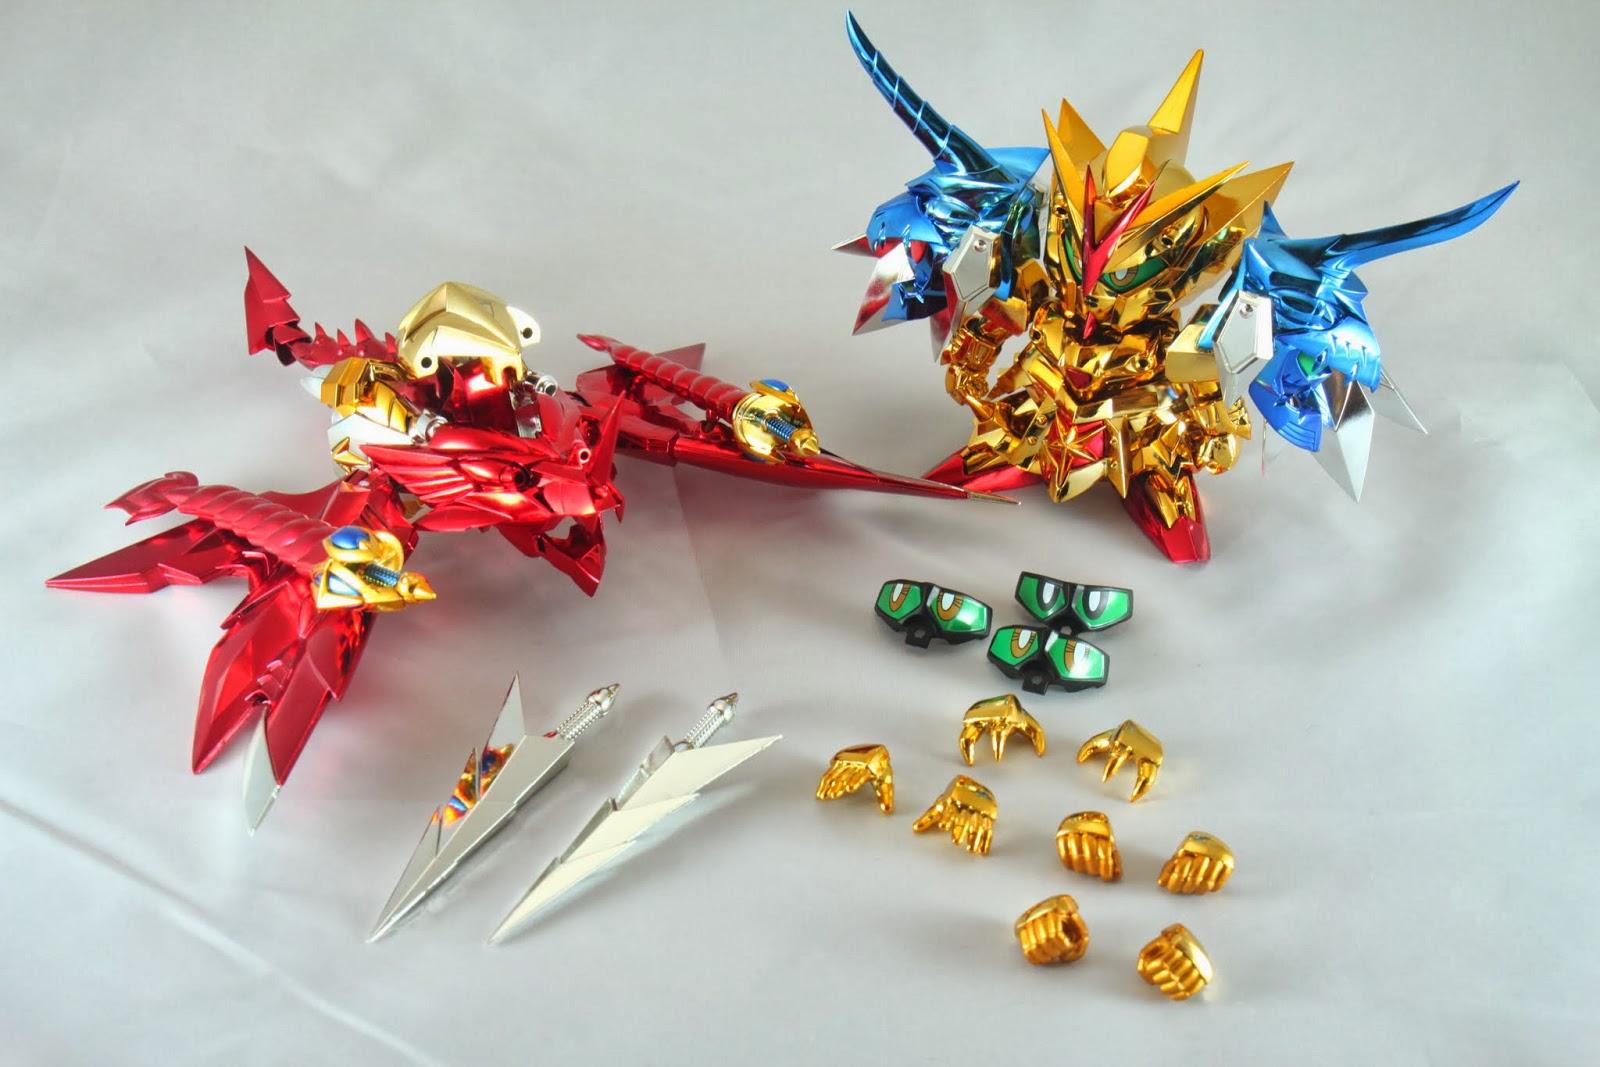 內容物一覽 一個神、一條龍、四組眼、手多數、武器若干